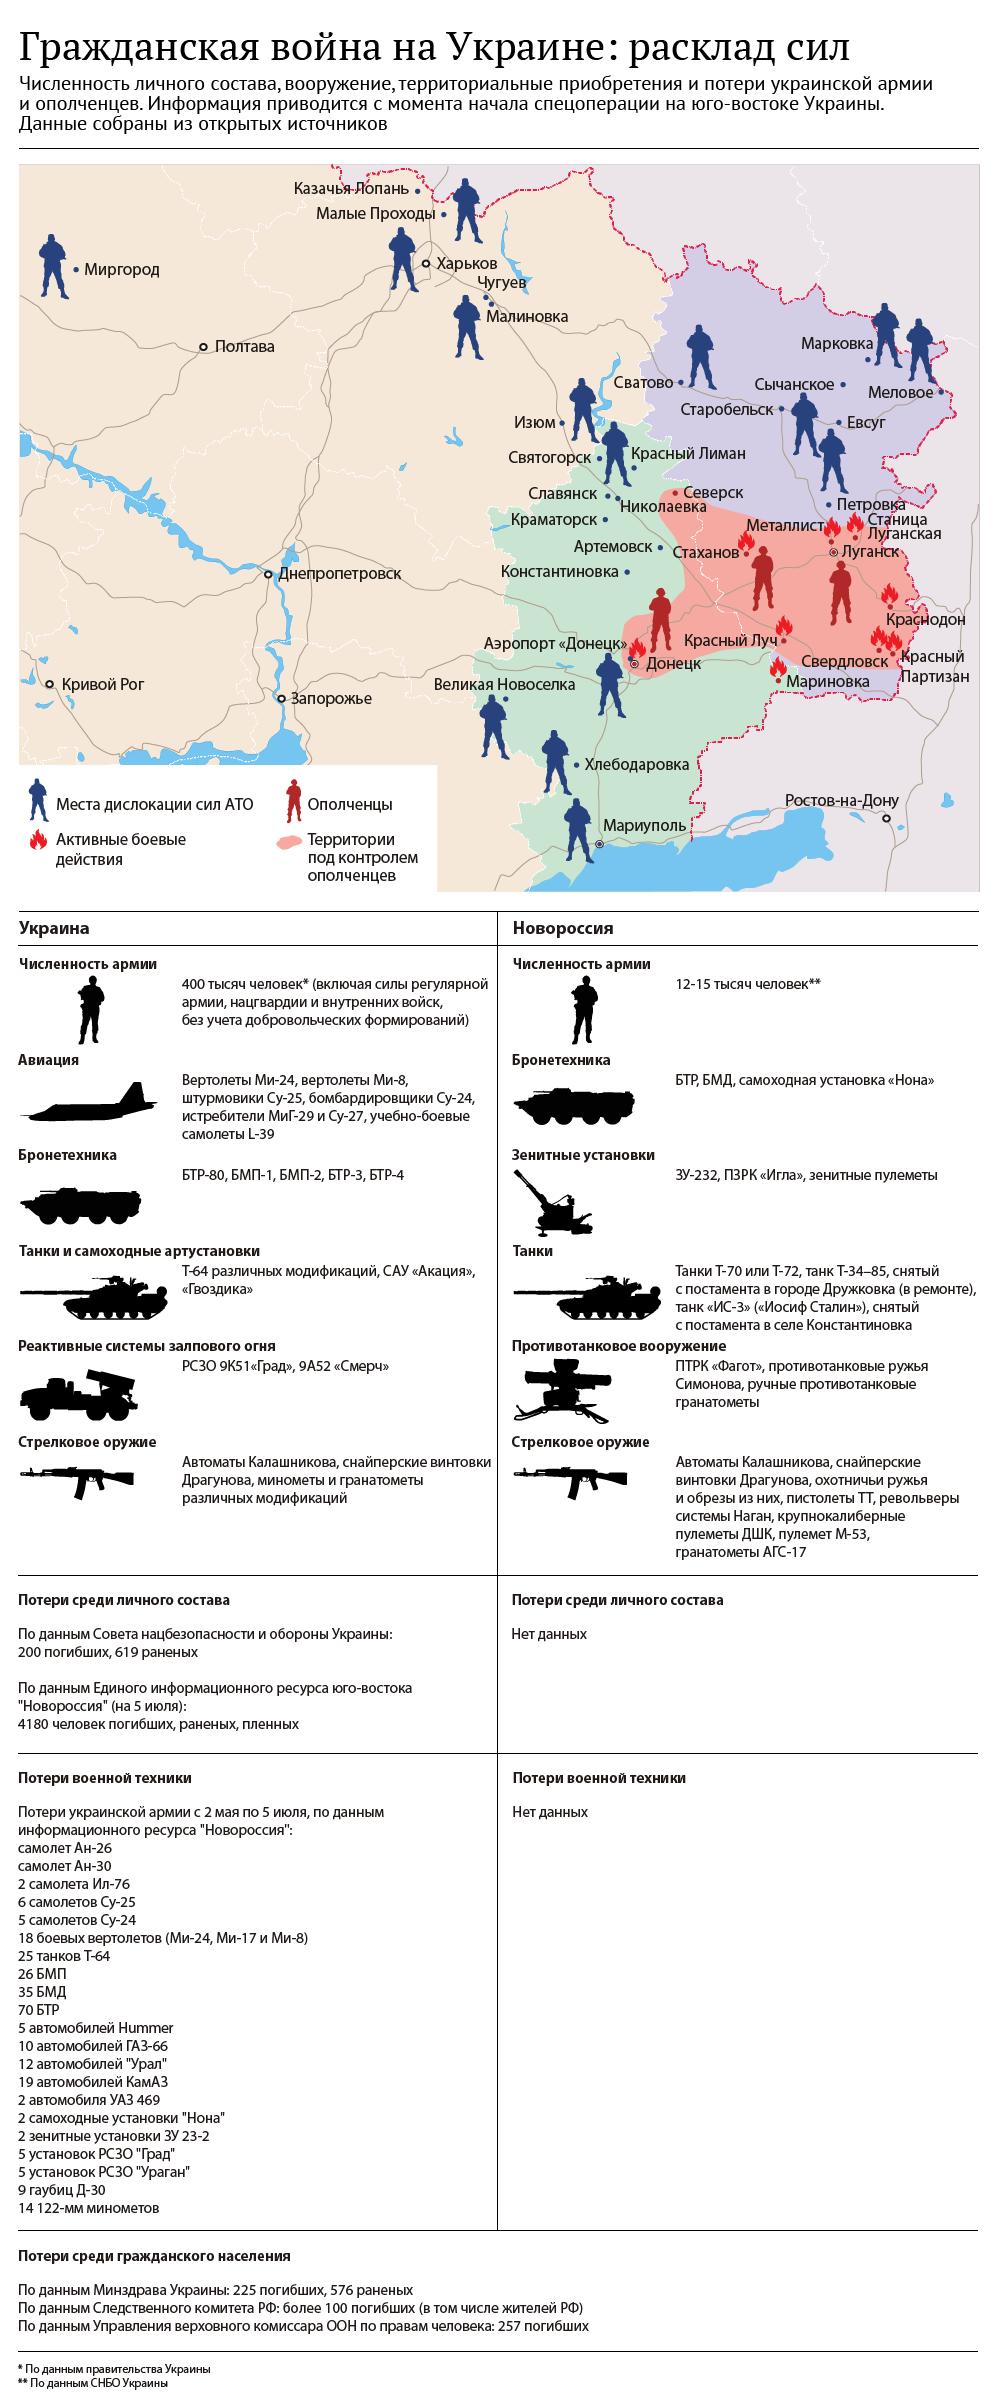 Гражданская война на Украине: расклад сил